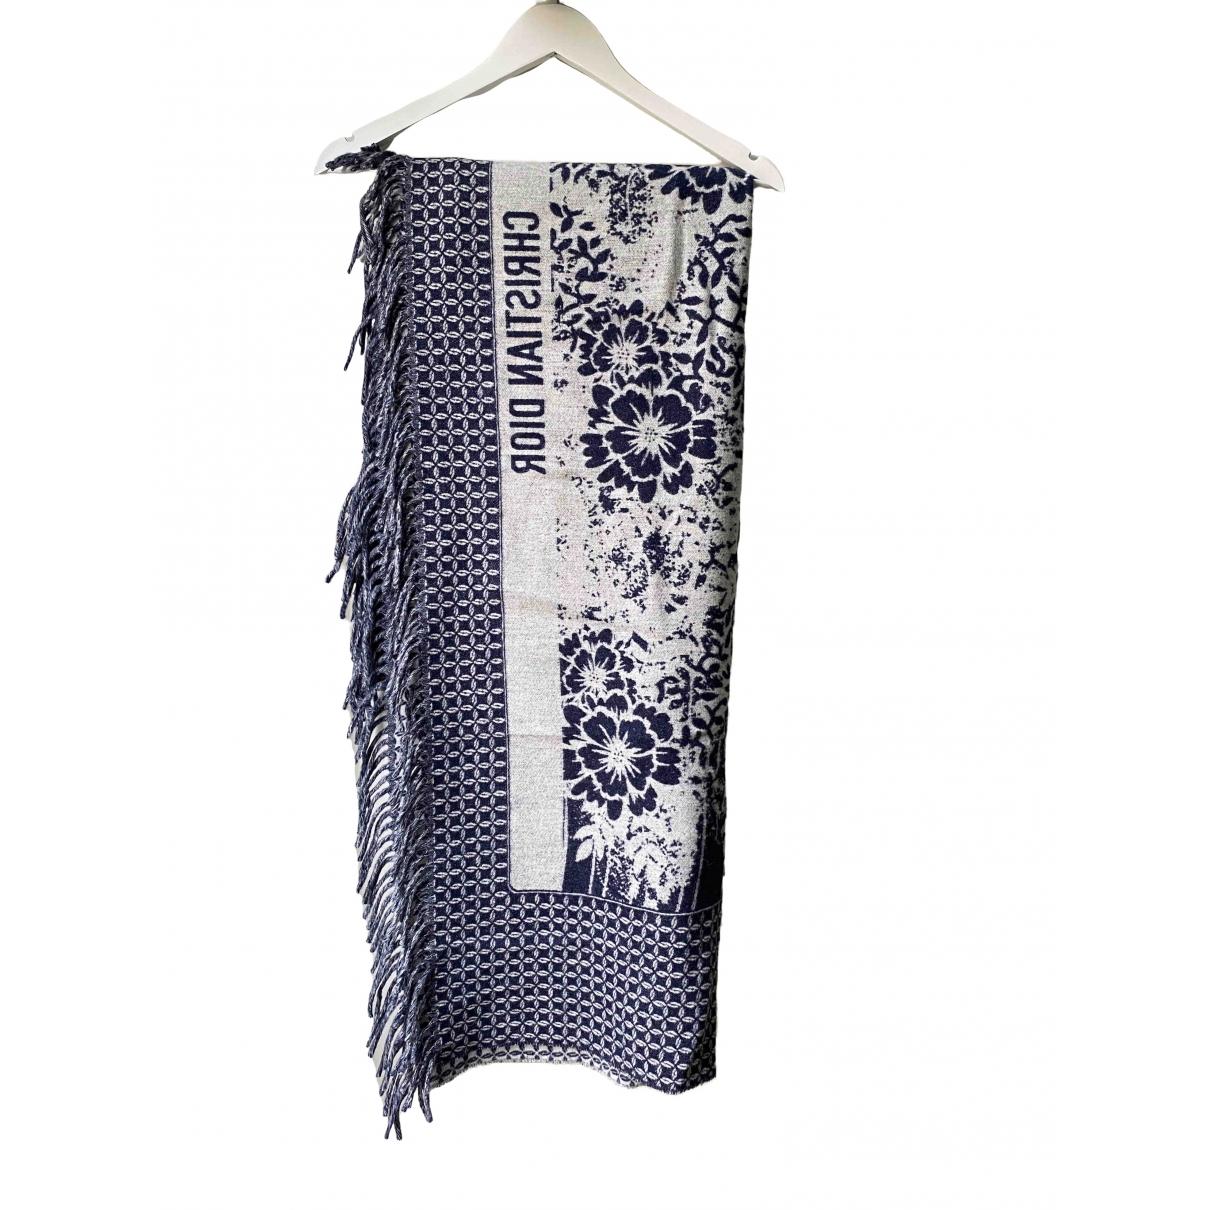 Dior - Linge de maison Toile De Jouy Sauvage pour lifestyle en laine - bleu